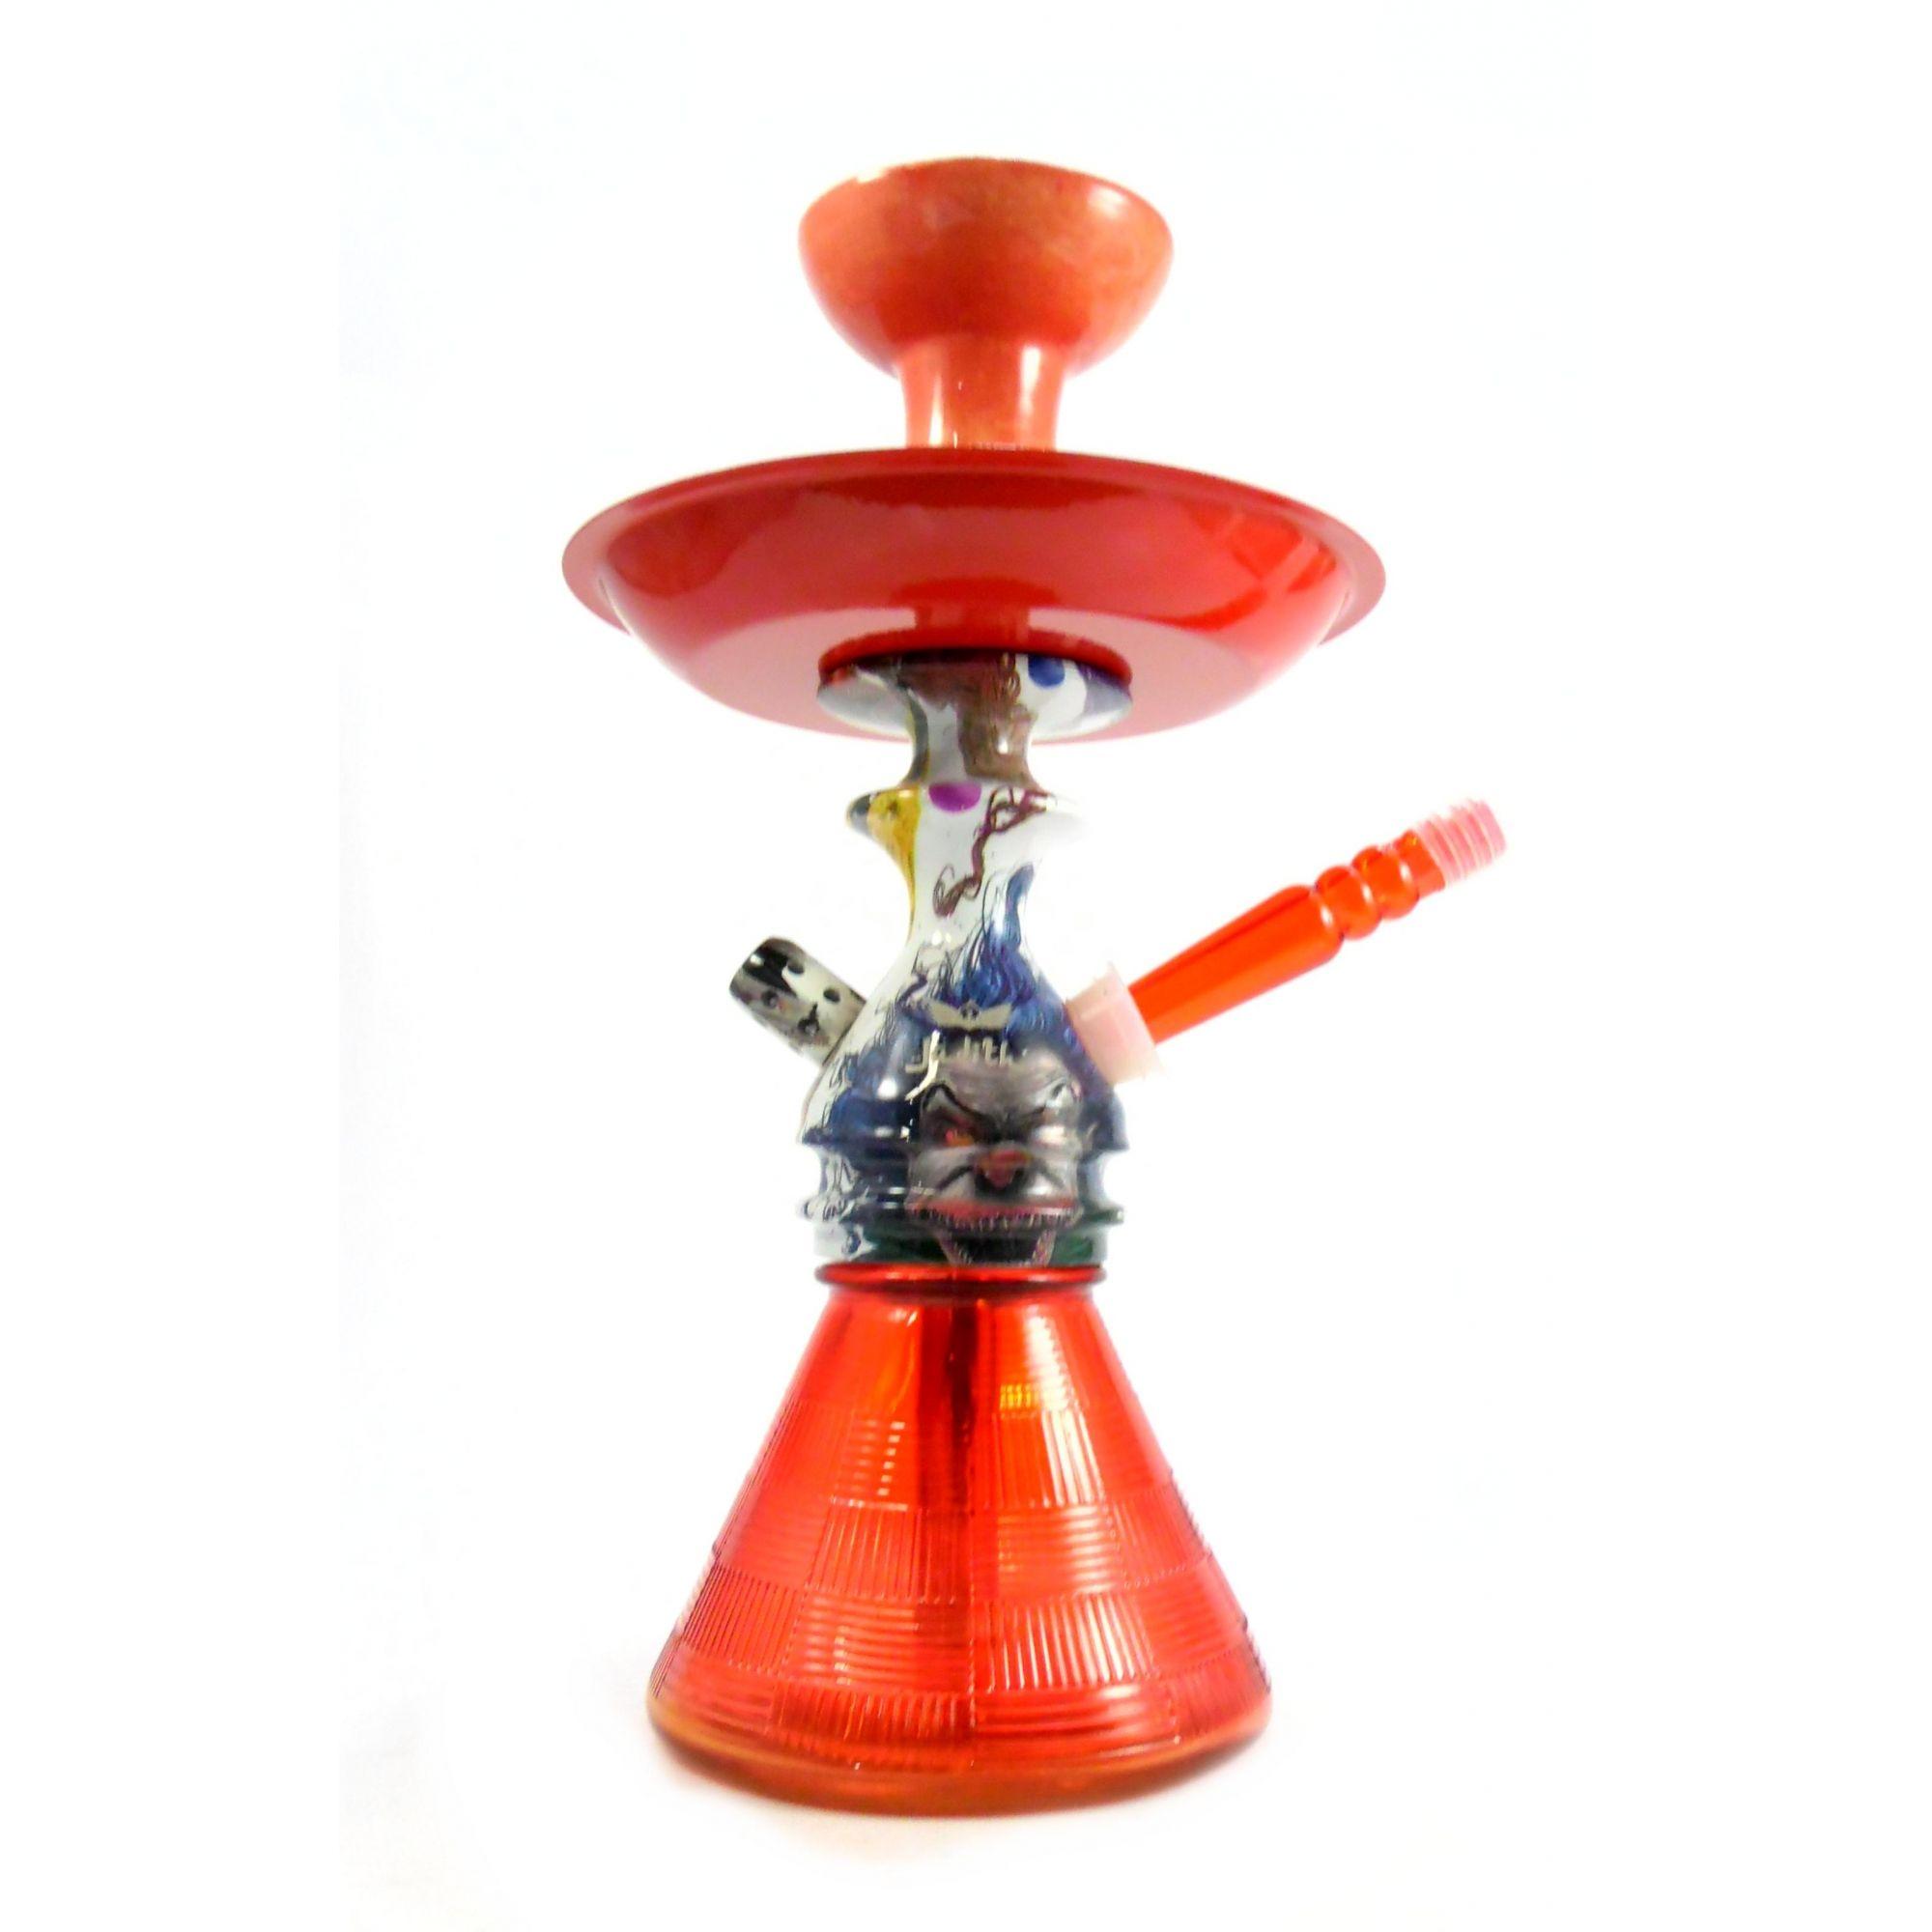 Narguile JUDITH EVIL CLOWN 33cm. Vaso Petit Vermelho, mangueira MD Hose Vermelha, prato pintado Verm., Fornilho Fulgore